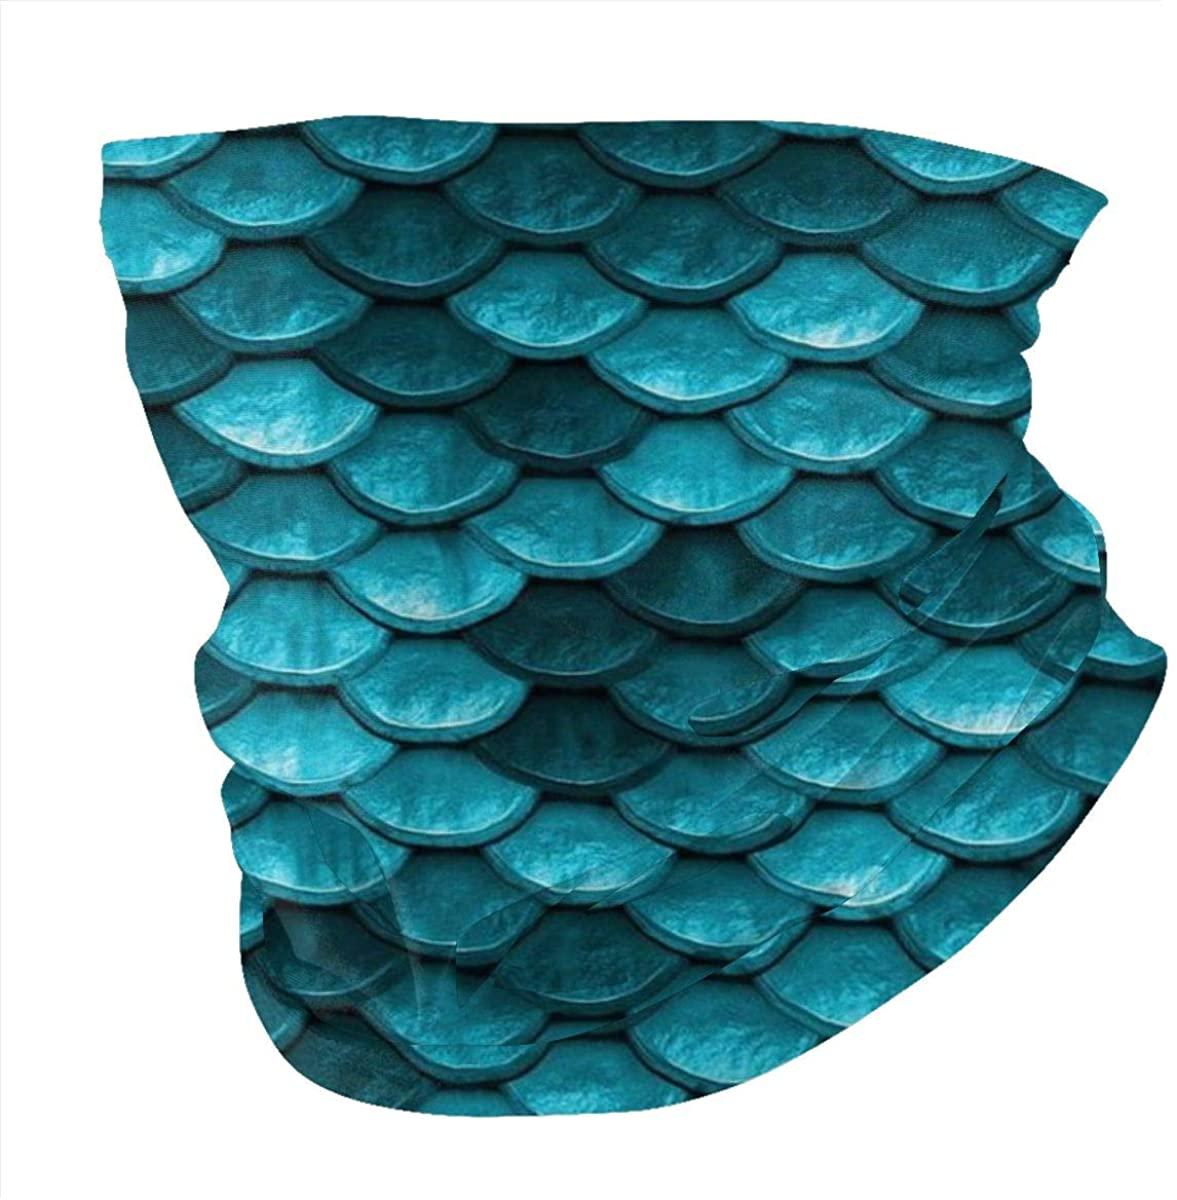 Seamless Face Mask Reusable, Bandana Neck Gaiter Sun Protection Cloth Face Cover Breathable Balaclava for Women Men